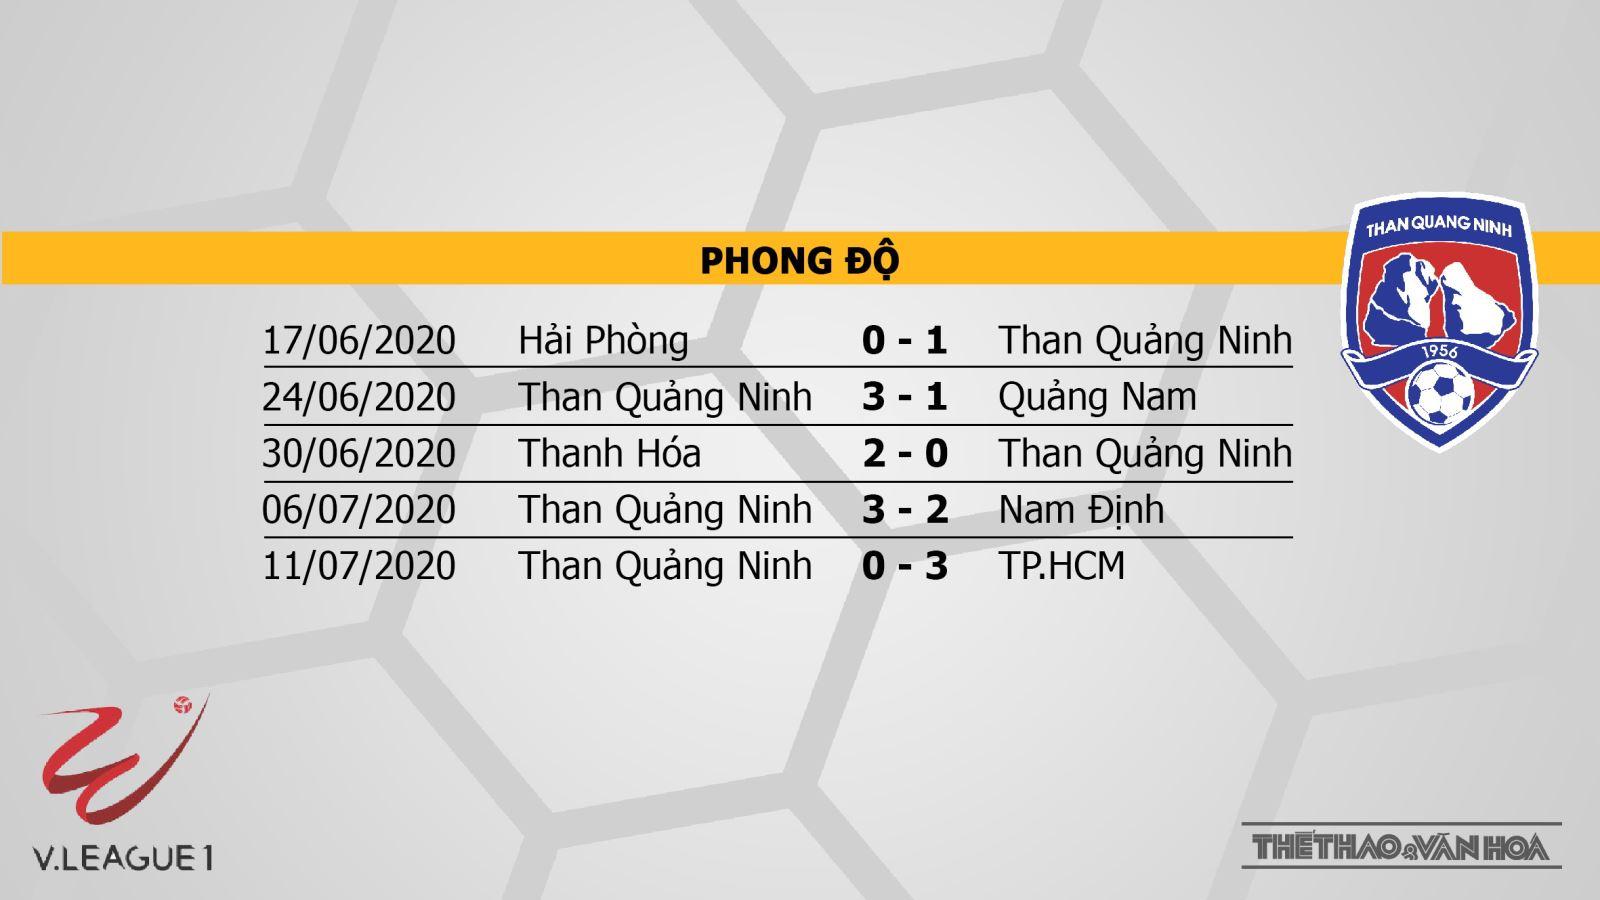 SHB Đà Nẵng vsThan Quảng Ninh, soi kèo SHB Đà Nẵng vsThan Quảng Ninh, nhận định, dự đoán, kèo bóng đá, soi kèo, lịch thi đấu bóng đá